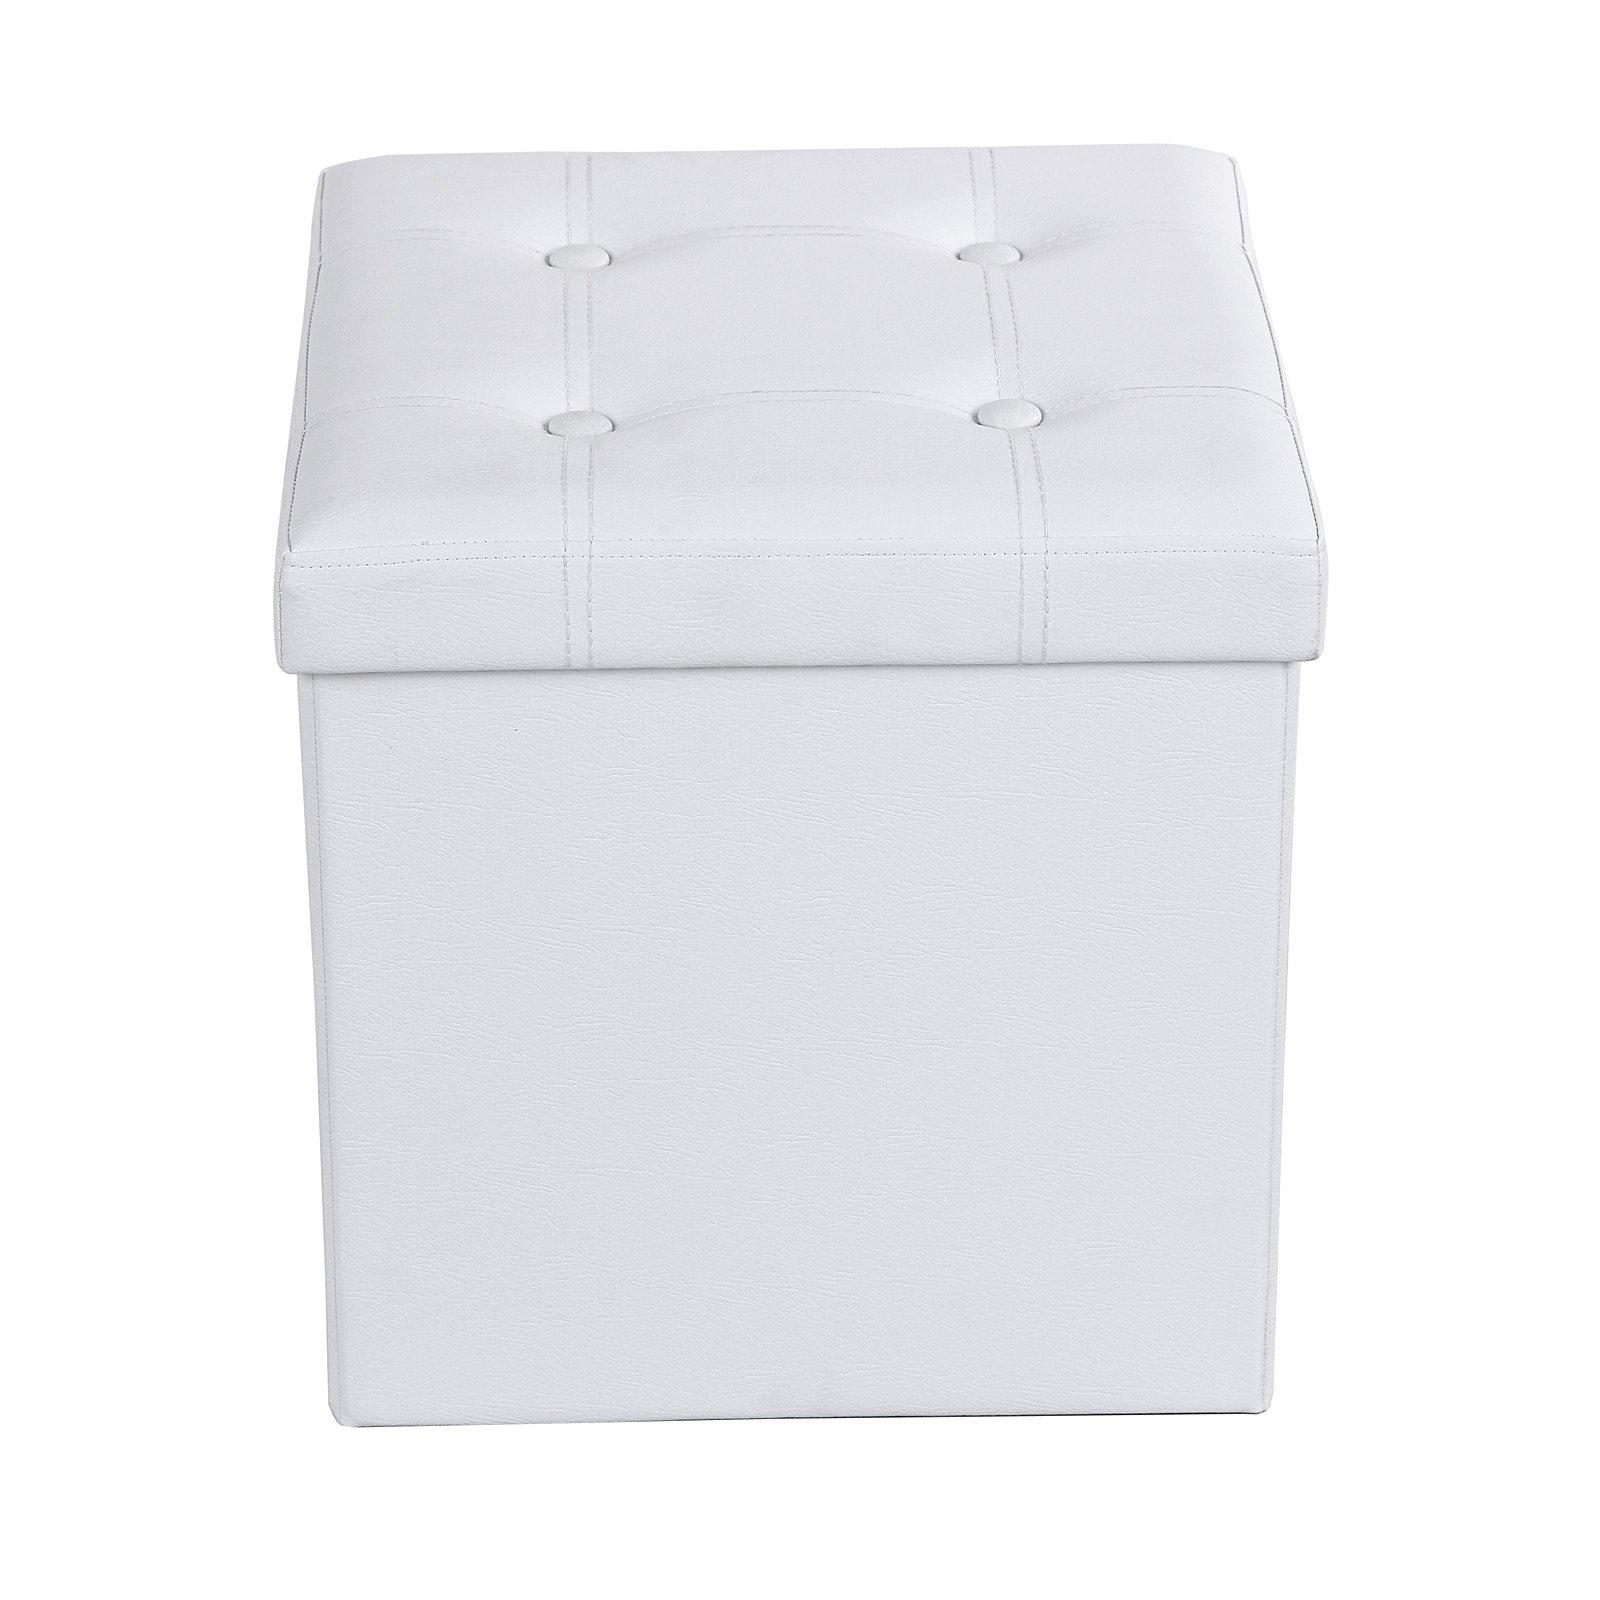 SONGMICS Cassapanca Pieghevole Portatile con Manici Sgabello Poggiapiedi Contenitore Cubico al Lato di 38 cm Carico Portante al Sedile Fino a 300 kg Bianco LSF30W product image